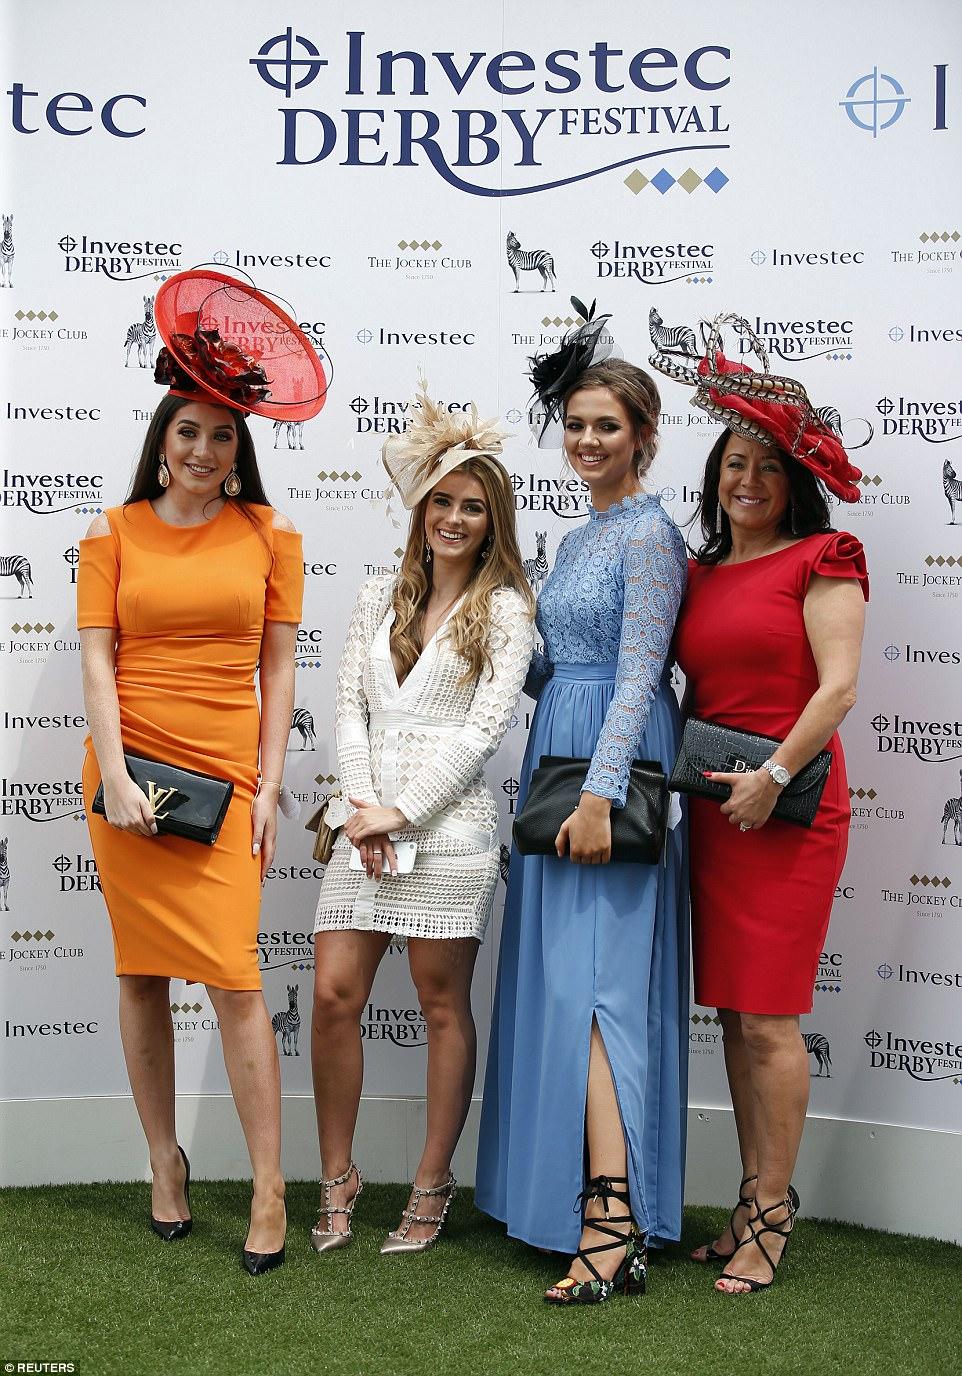 Caro gosto: um grupo de mulheres provou ter gostos excelentes na roupa, pois exibiram seus acessórios de designer, incluindo uma embreagem YSL, um tote Dior e sapatos Valentino Rockstud